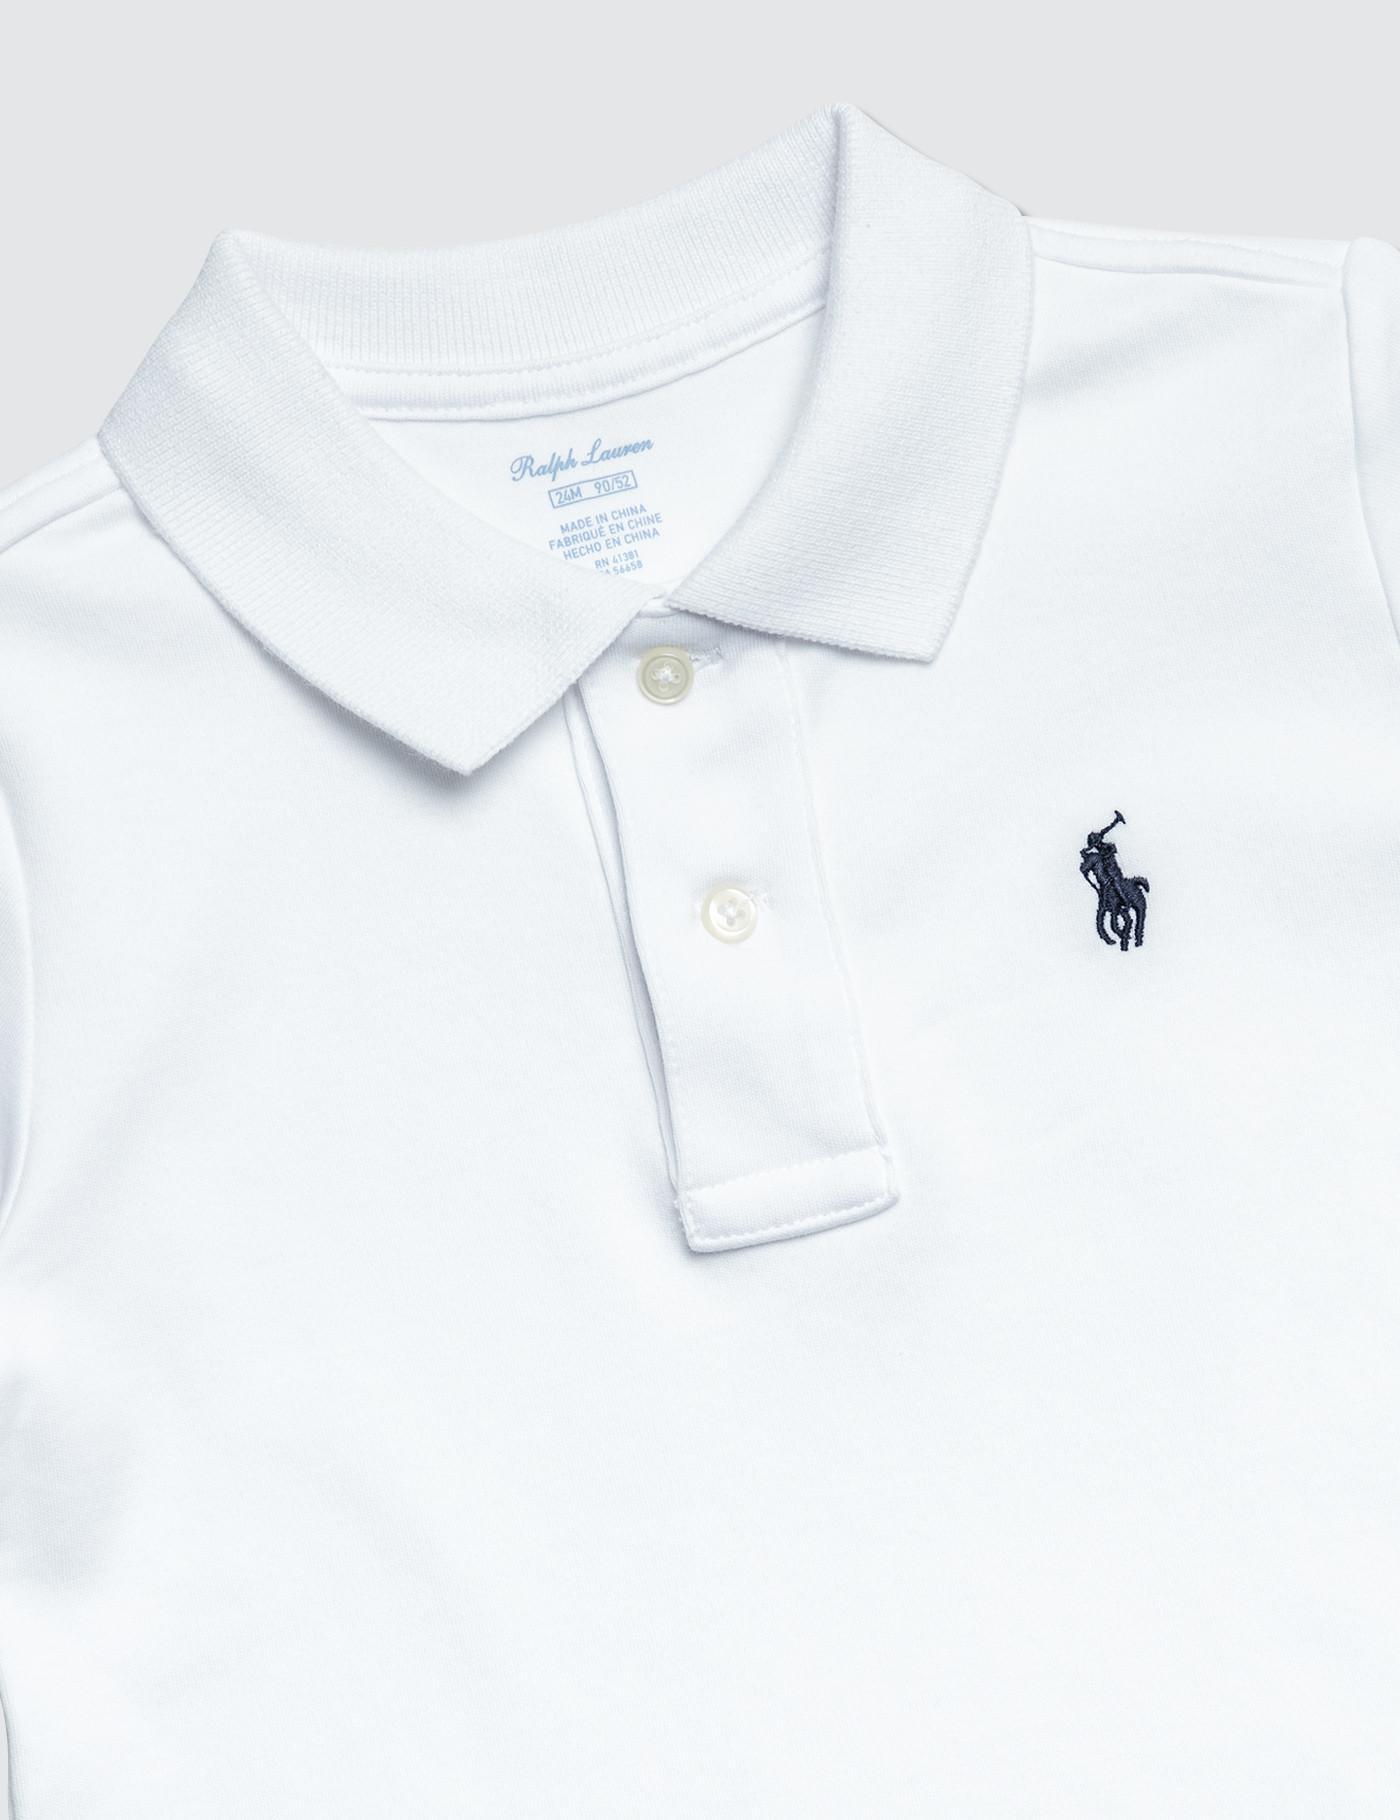 Ralph In Lyst Shirt Lauren Boy For Polo Men White lJ13uKcTF